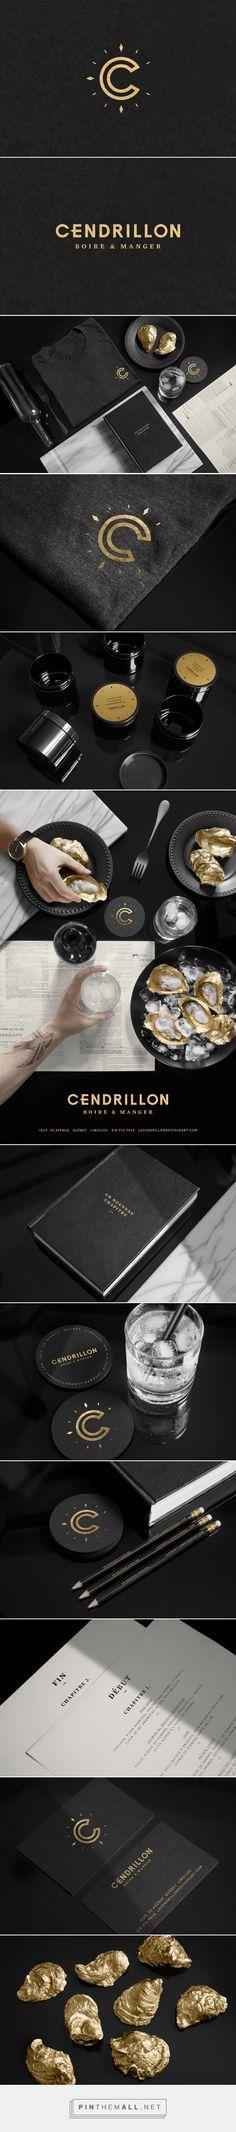 Cendrillon Restaurante y Bar Branding por Jeremy Hall   Agencia de Branding Fivestar - Diseño y la Agencia de Branding & Inspiration Gallery Curada